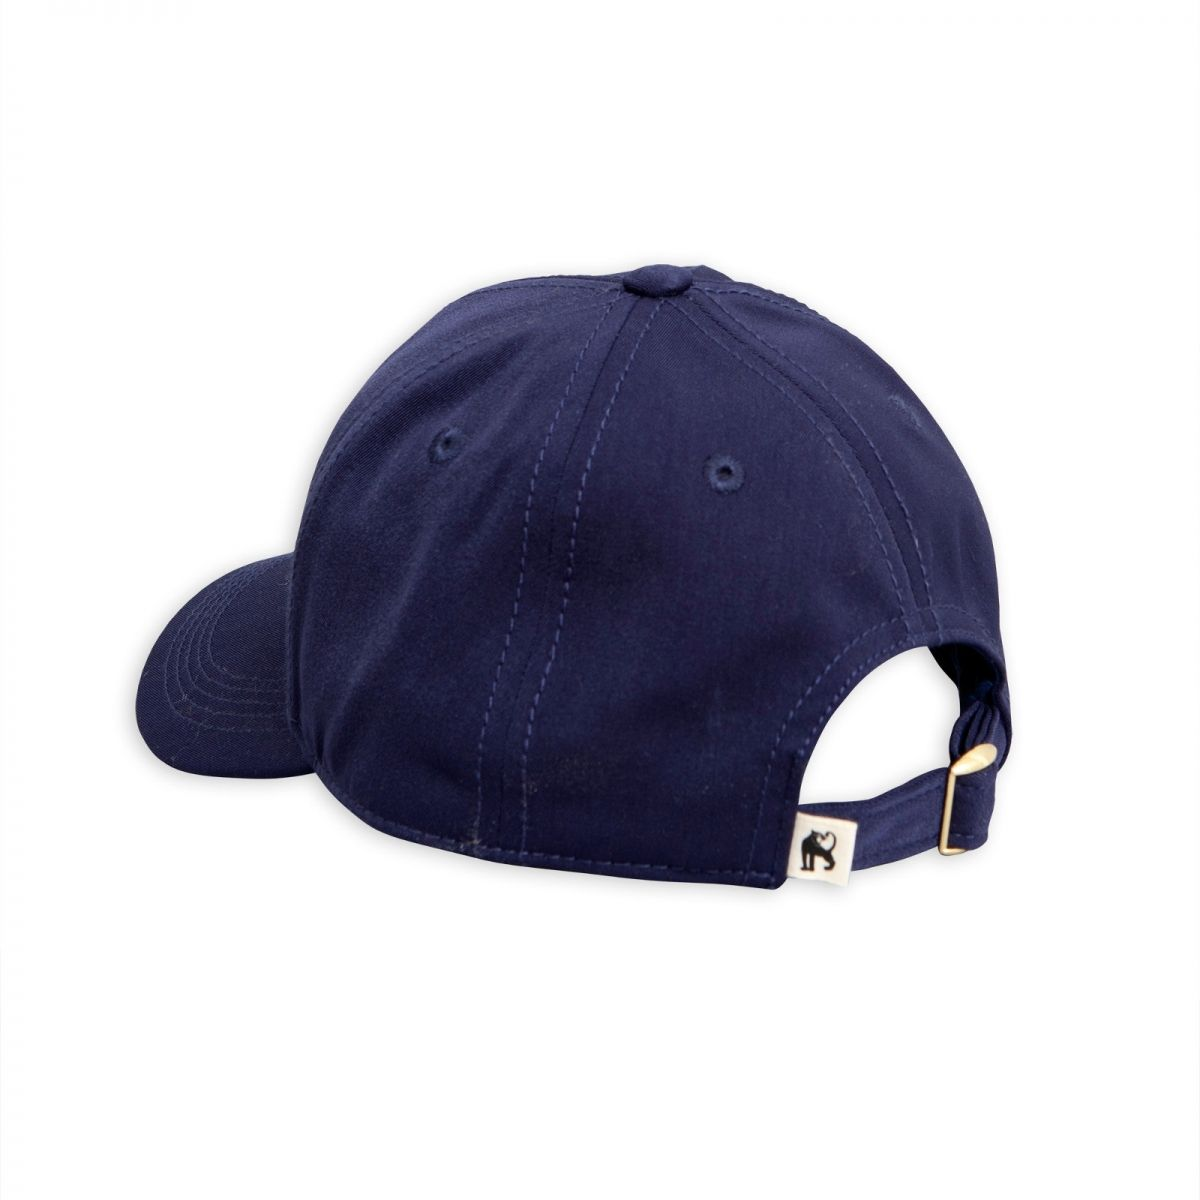 Mini Rodini Guinea pig cap navy blue